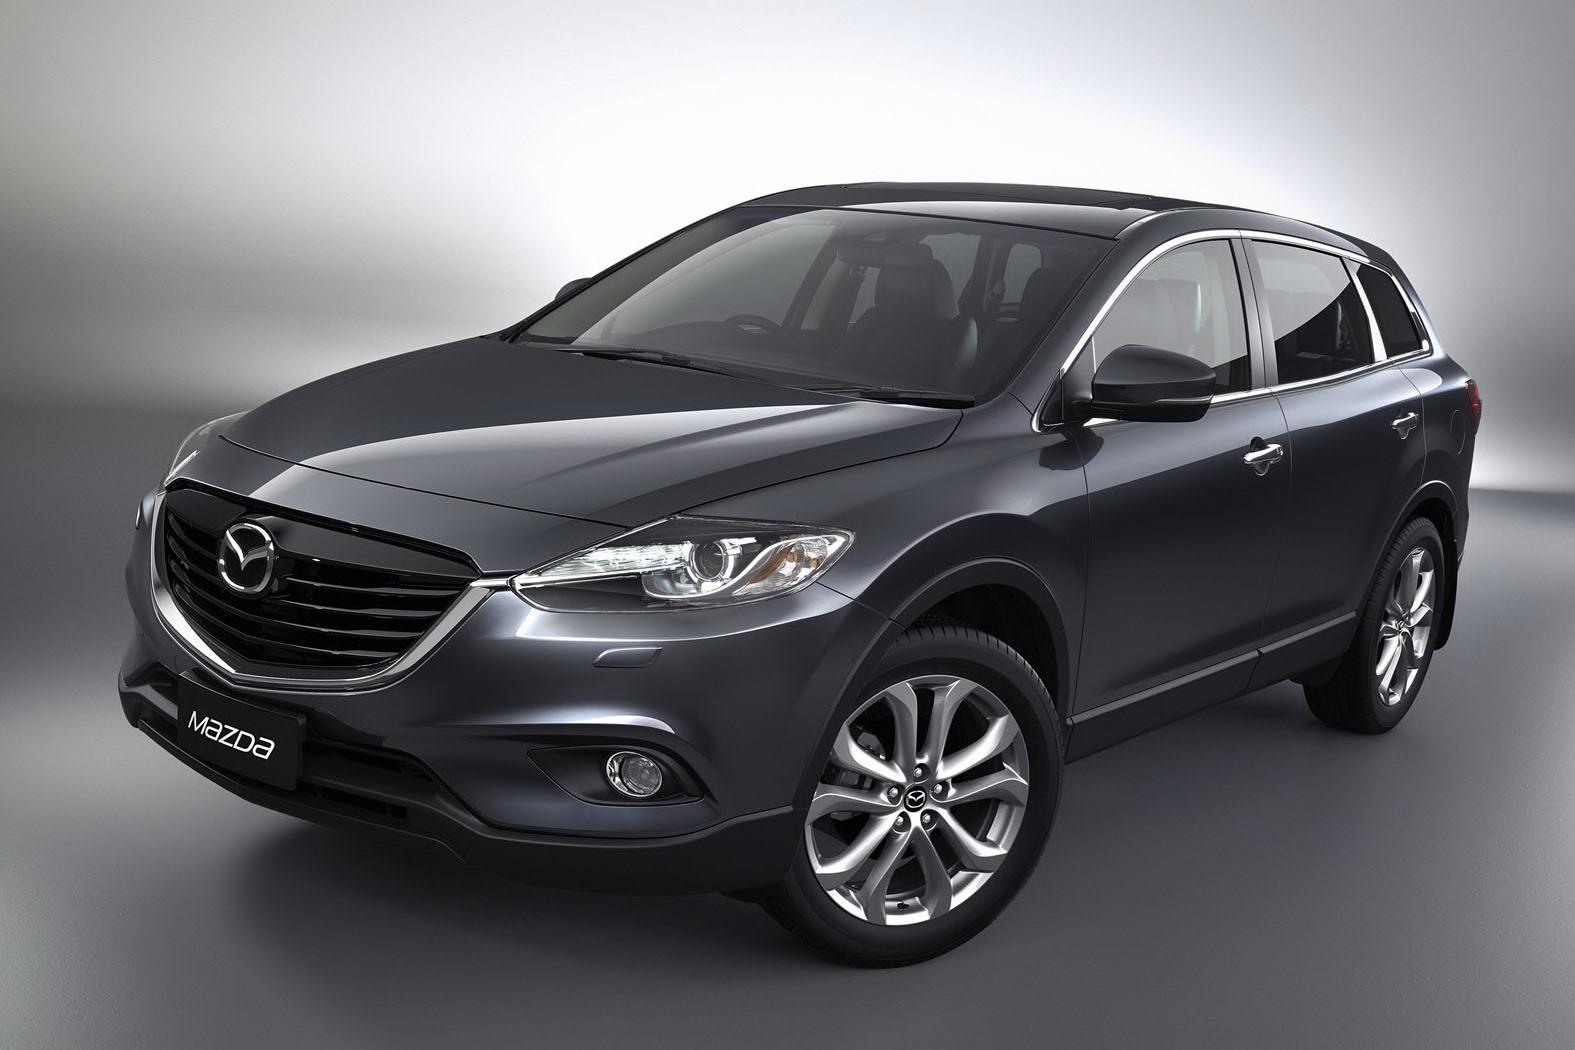 Kelebihan Kekurangan Harga Mazda Spesifikasi